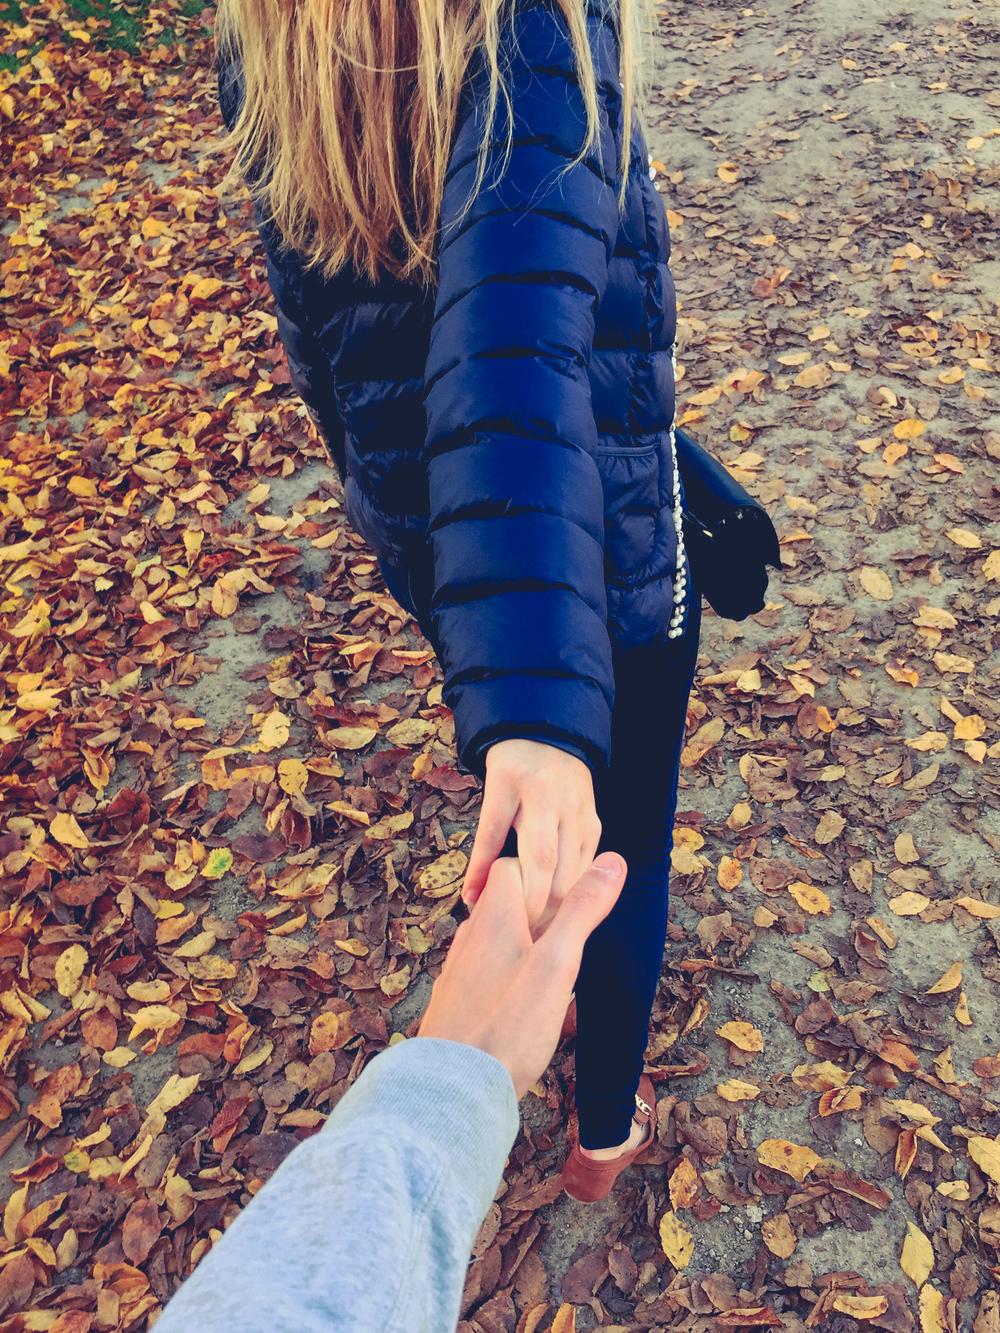 """""""Op zondag 1 november waren mijn liefje en ik in Brussel aan het wandelen richting Atomium. De stoep was bedekt met heel wat mooie blaadjes. We liepen hand in hand en hij trok deze onverwachtse foto.   Ik vind dit één van mijn mooiste recente foto's omdat het 2 dingen mooi in beeld brengt : 'de liefde', waar geen mens zonder kan en ' de herfst', voor mij het mooiste seizoen van het jaar. """"    photocredits: ©Phaëdra Pollet"""